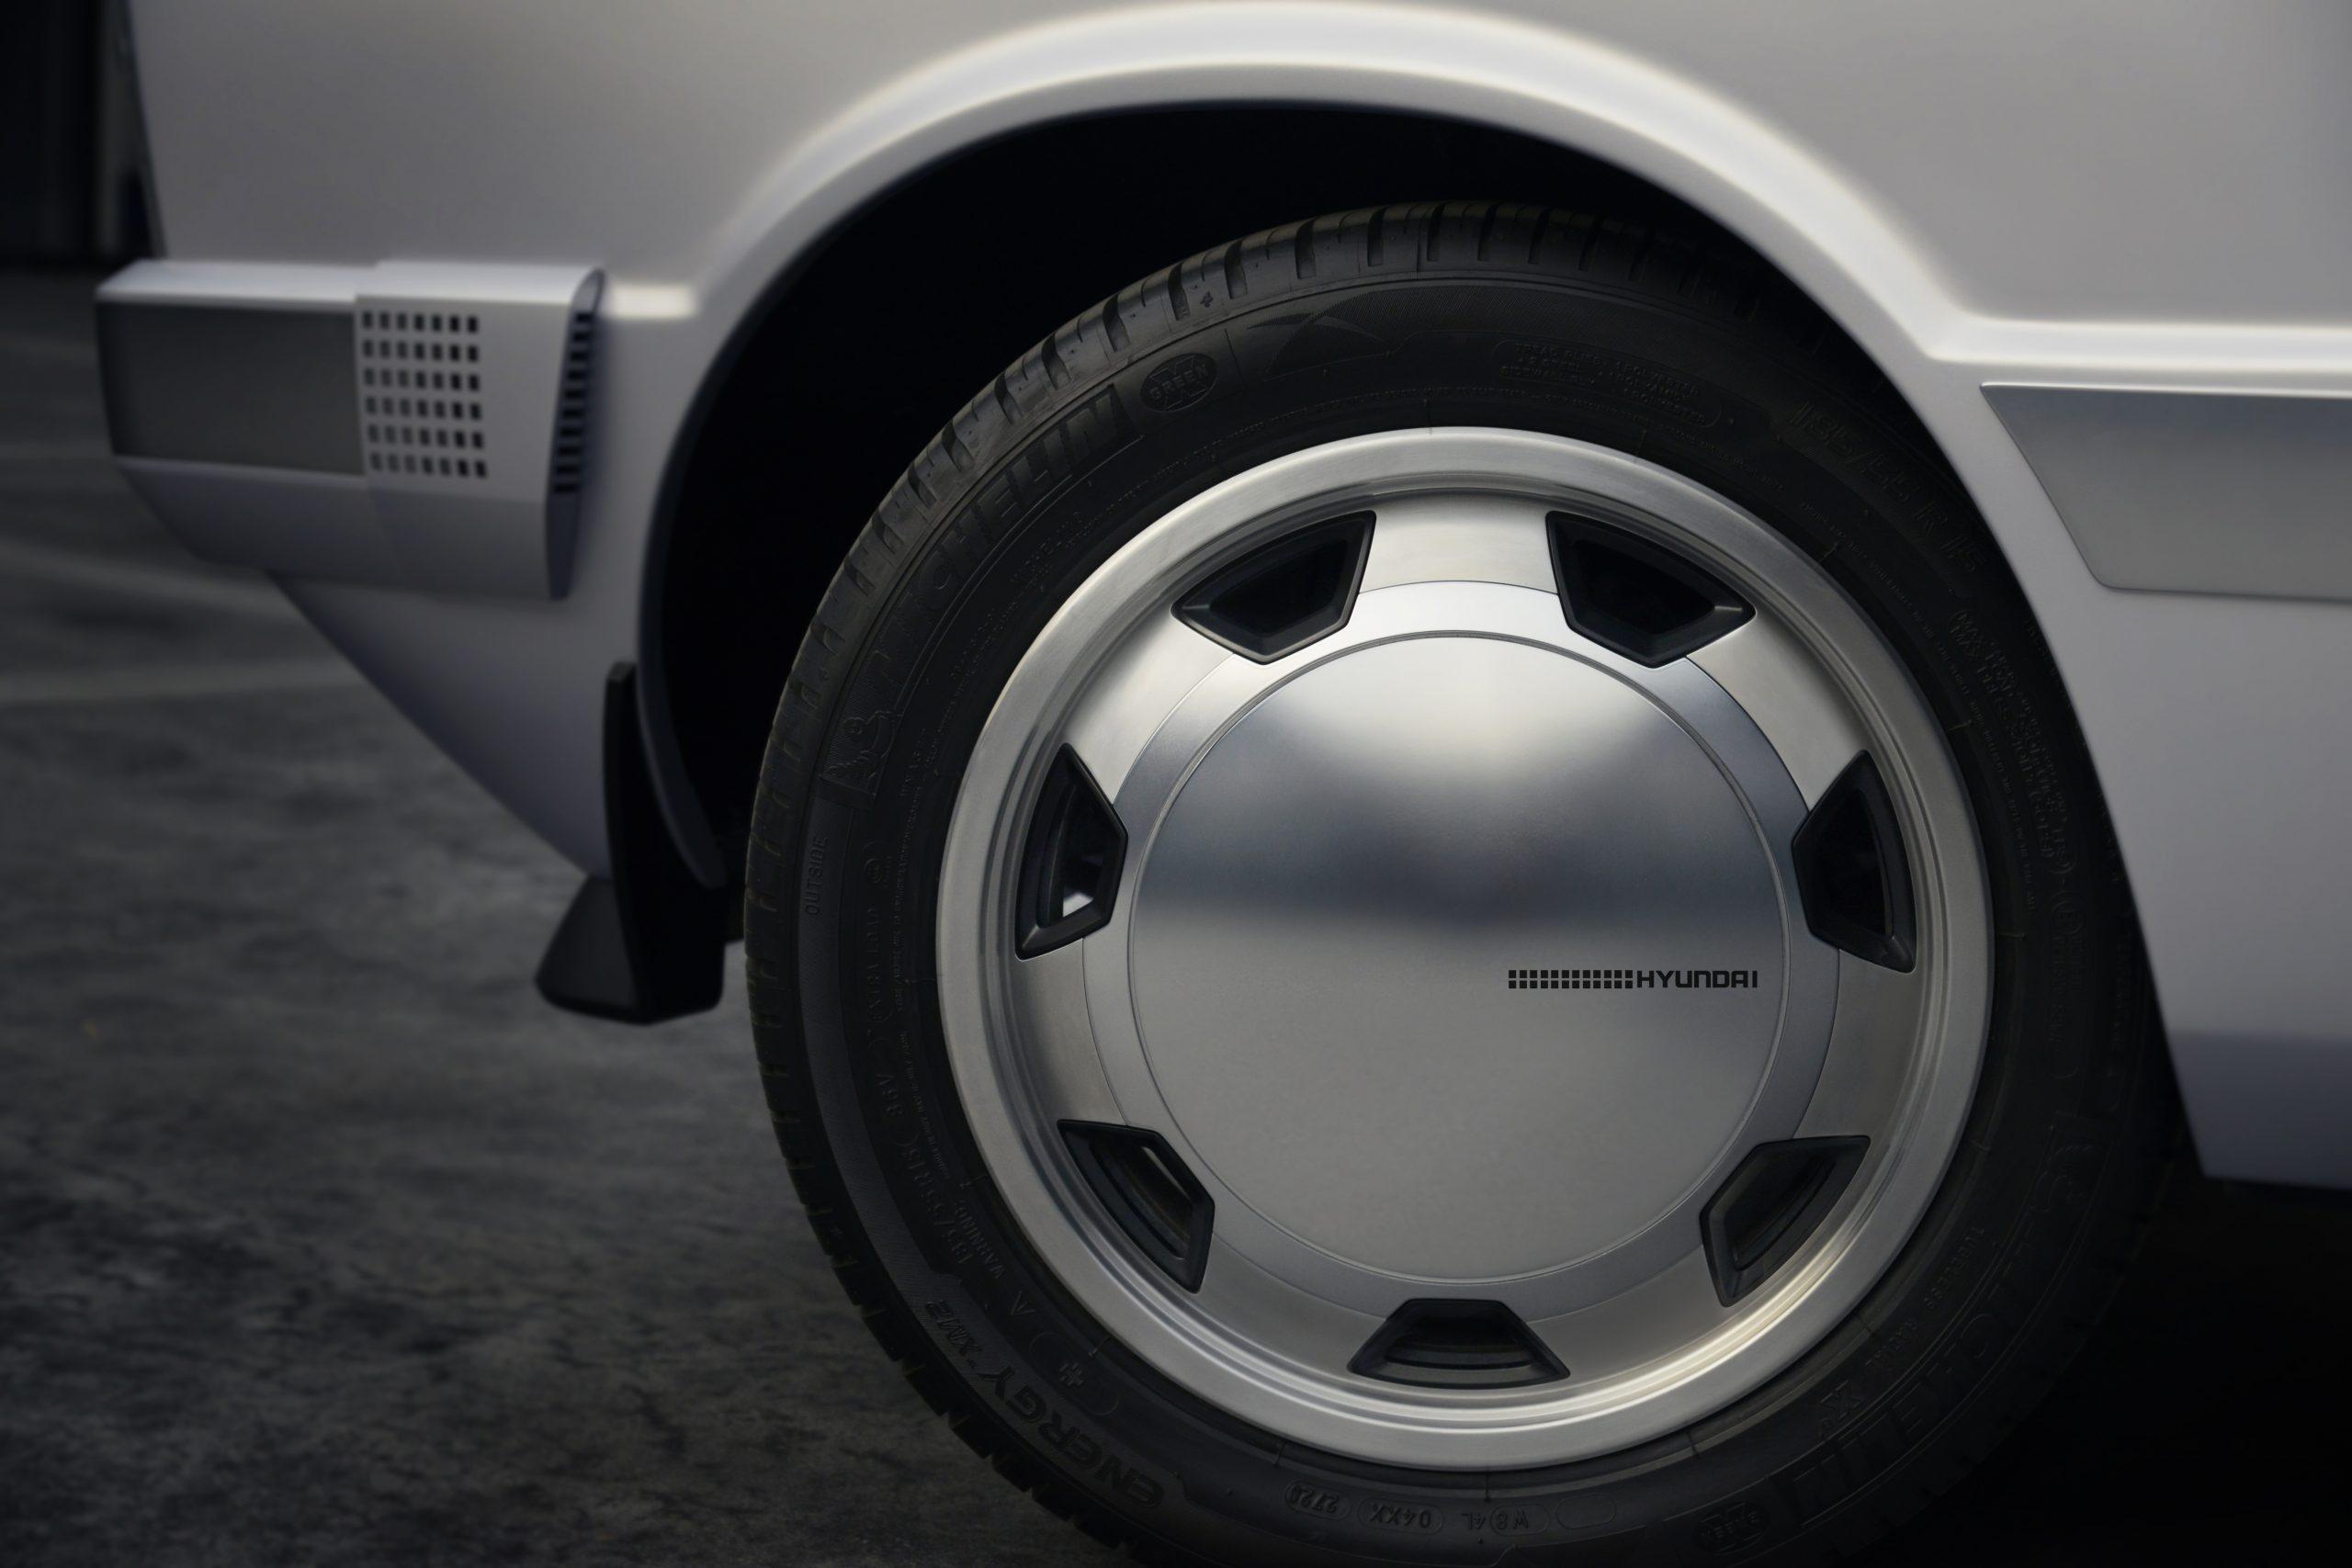 Hyundai Heritage Series Pony EV restomod wheel